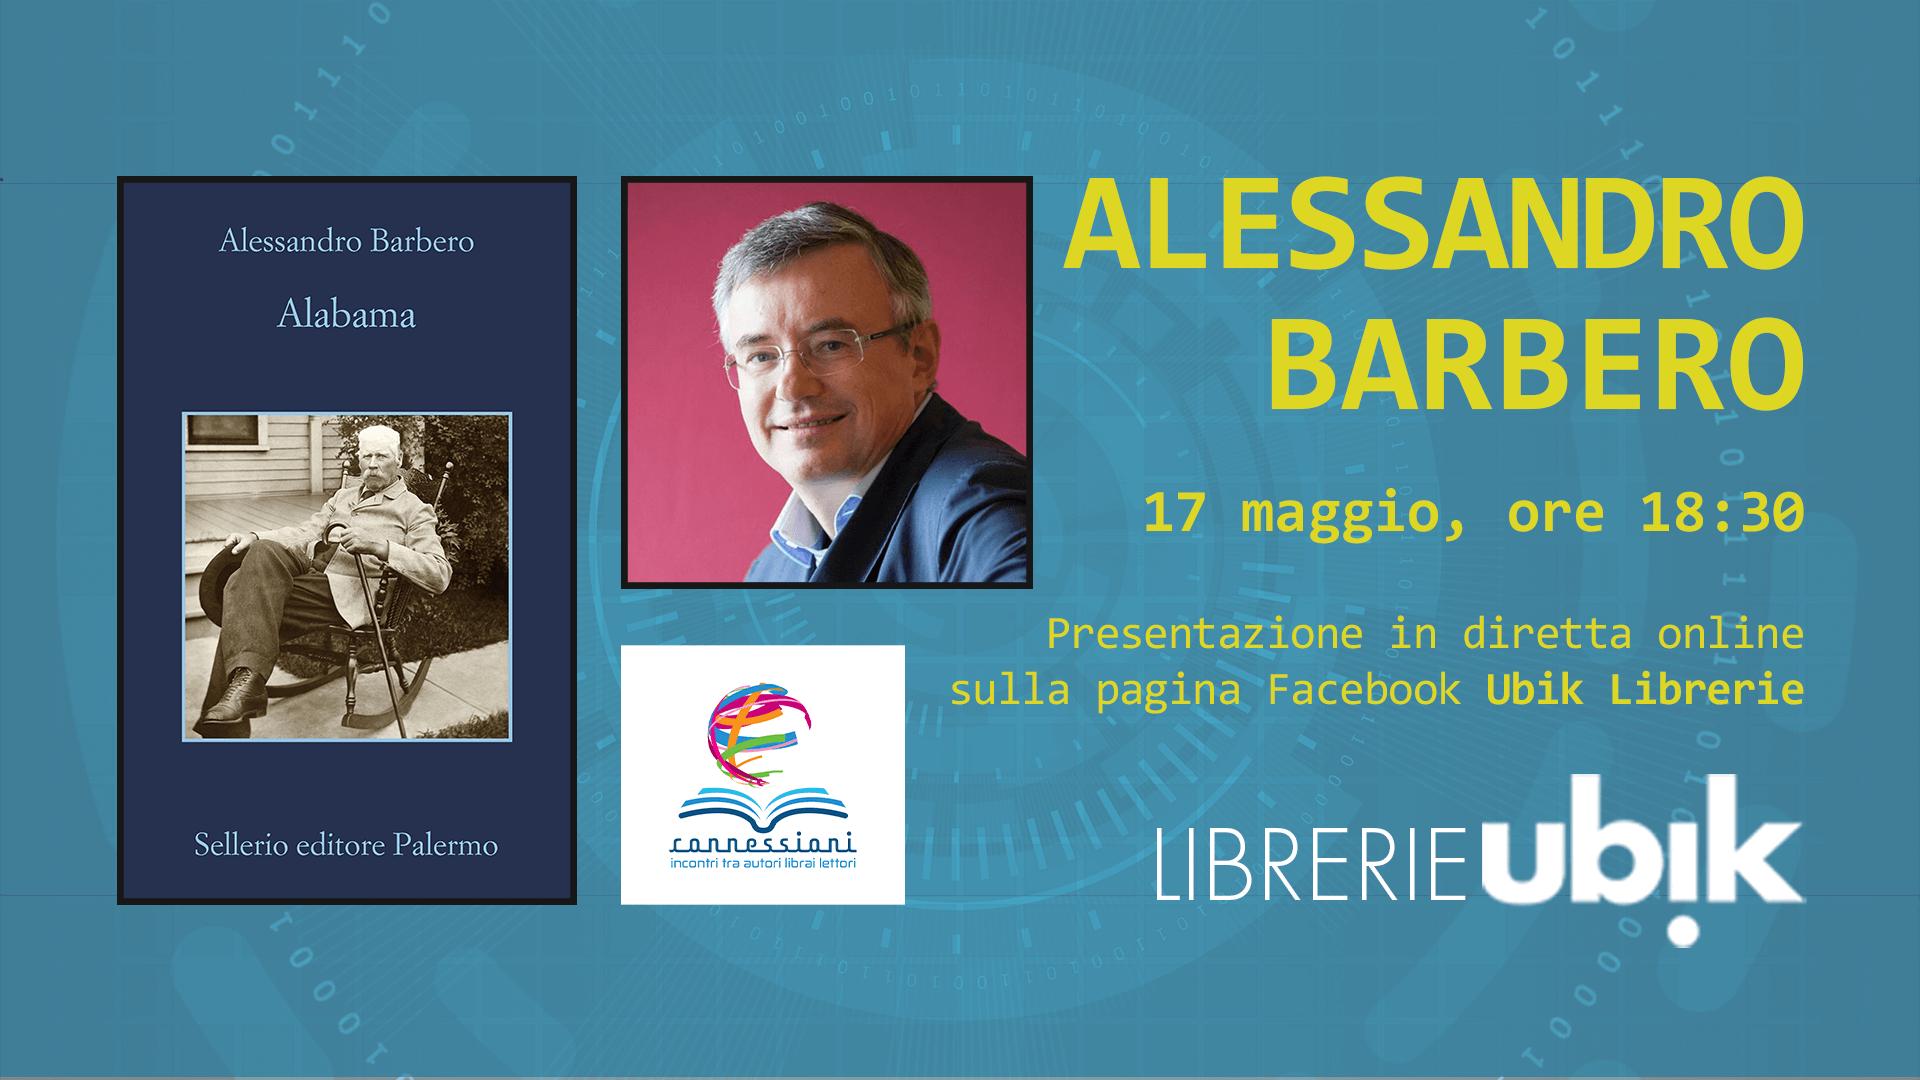 ALESSANDRO BARBERO presenta in diretta online